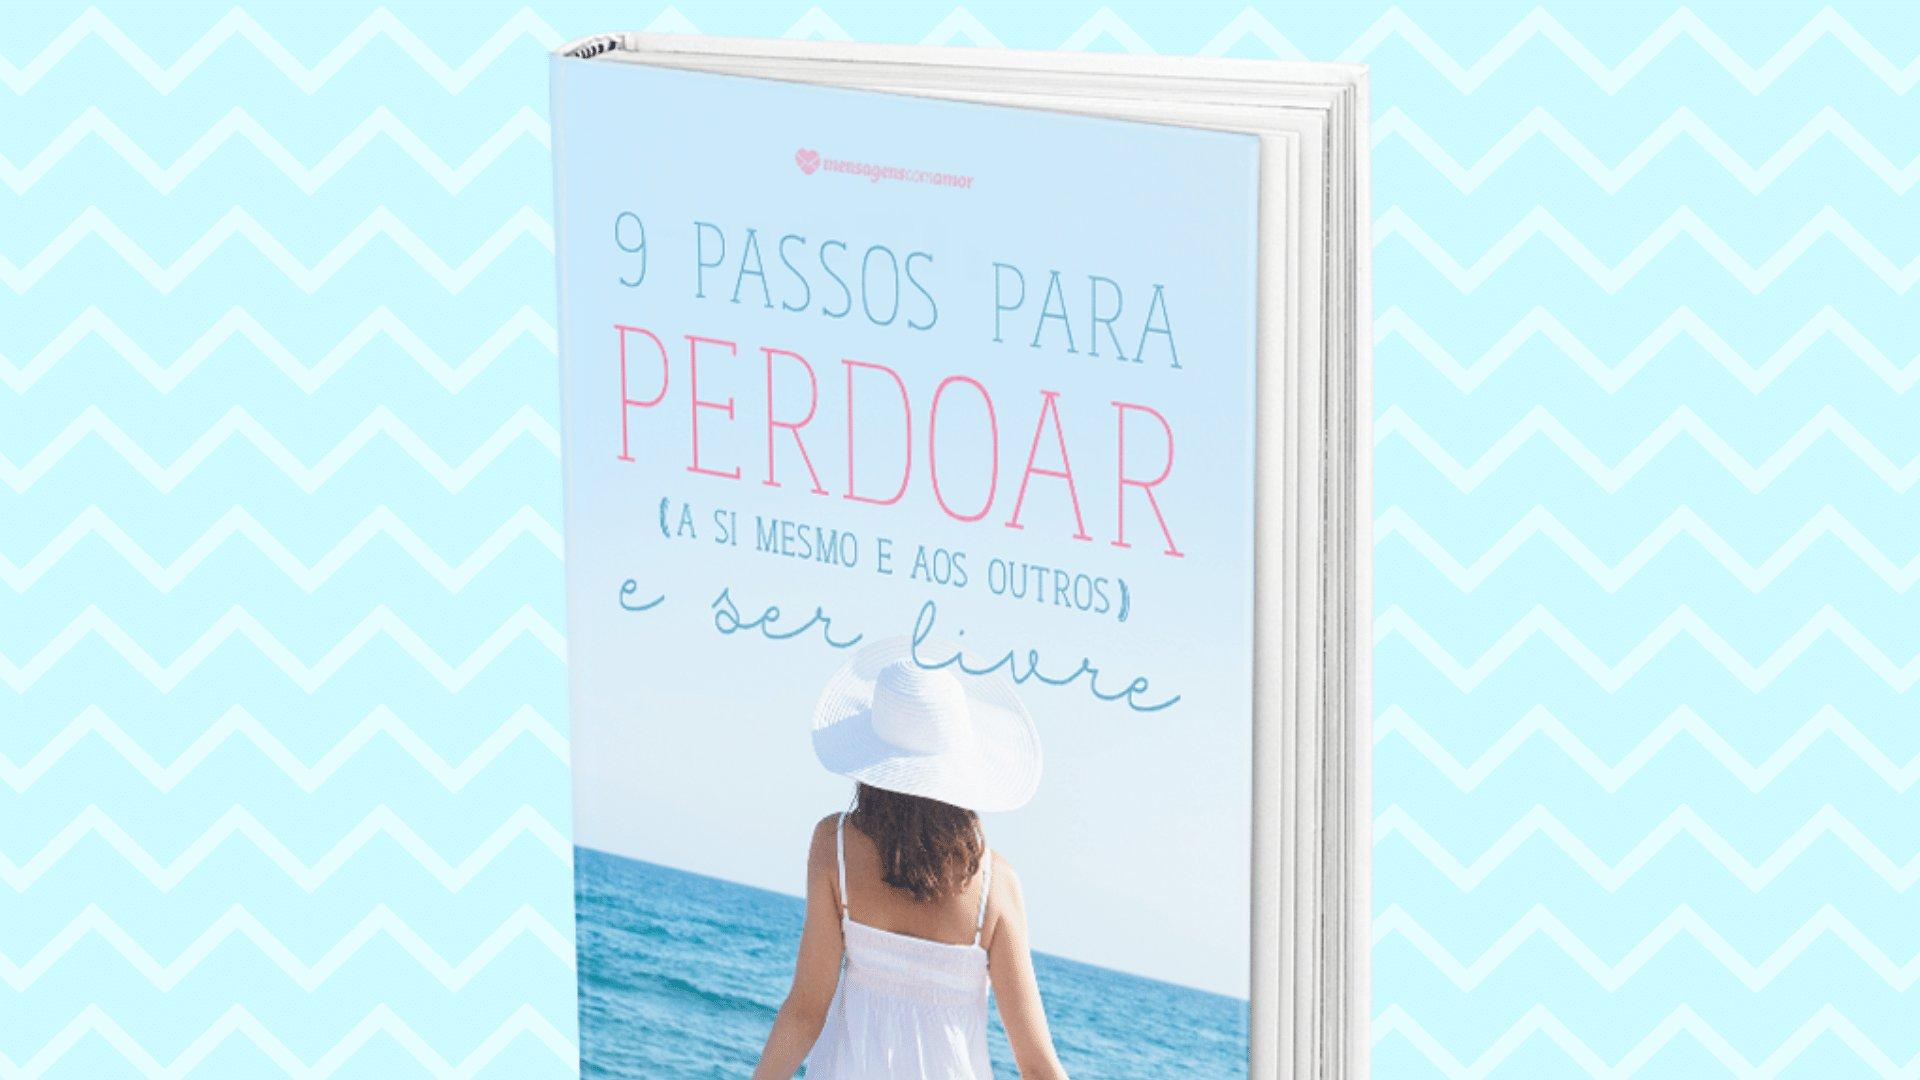 E-book 9 passos para perdoar